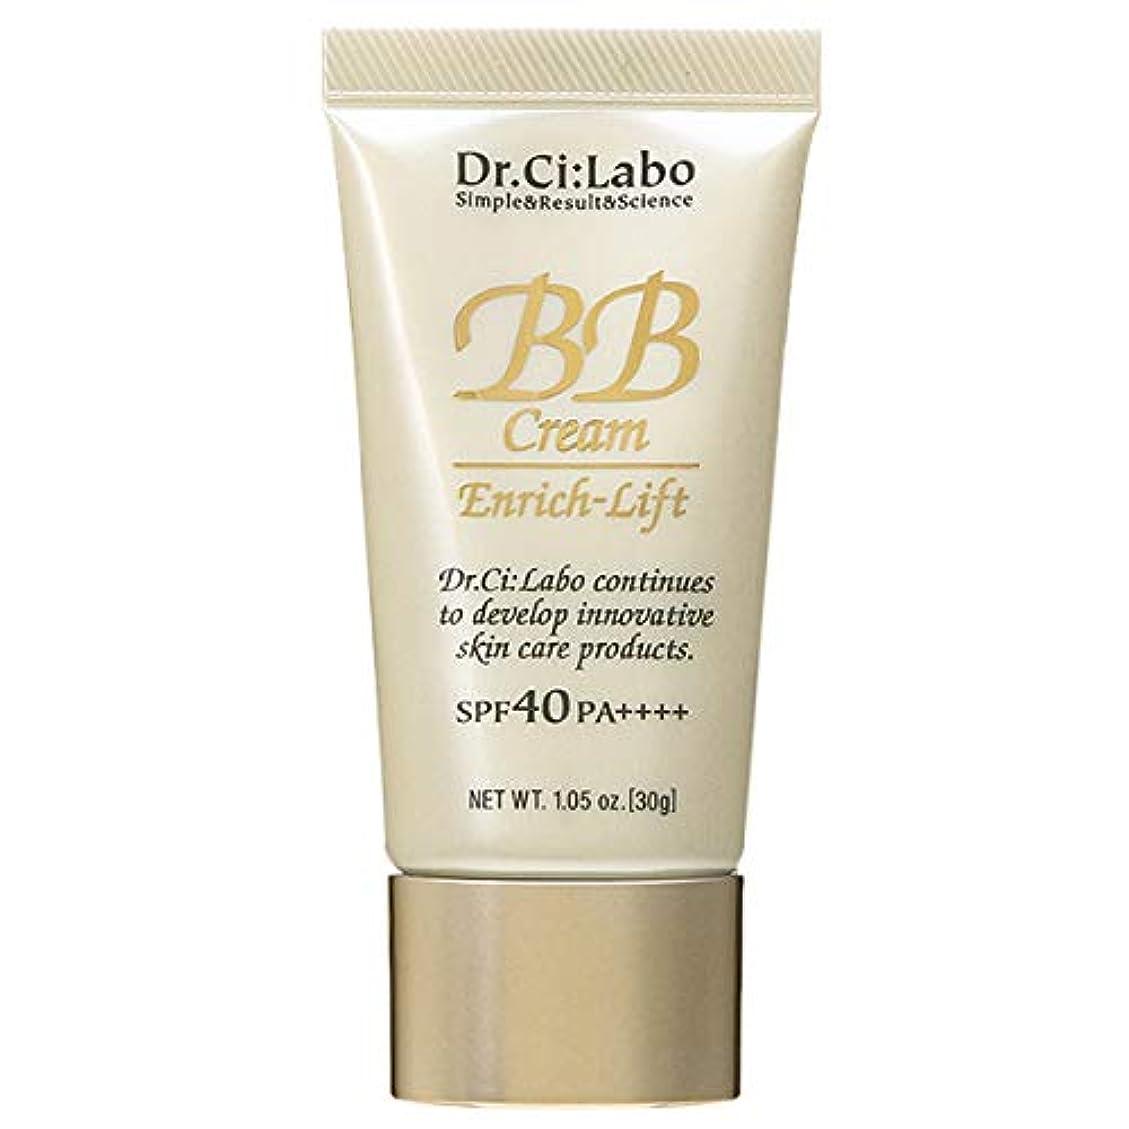 リネンスマッシュ抵抗ドクターシーラボ Dr.Ci:Labo BBクリーム エンリッチリフトLN18 SPF40 PA++++ 30g